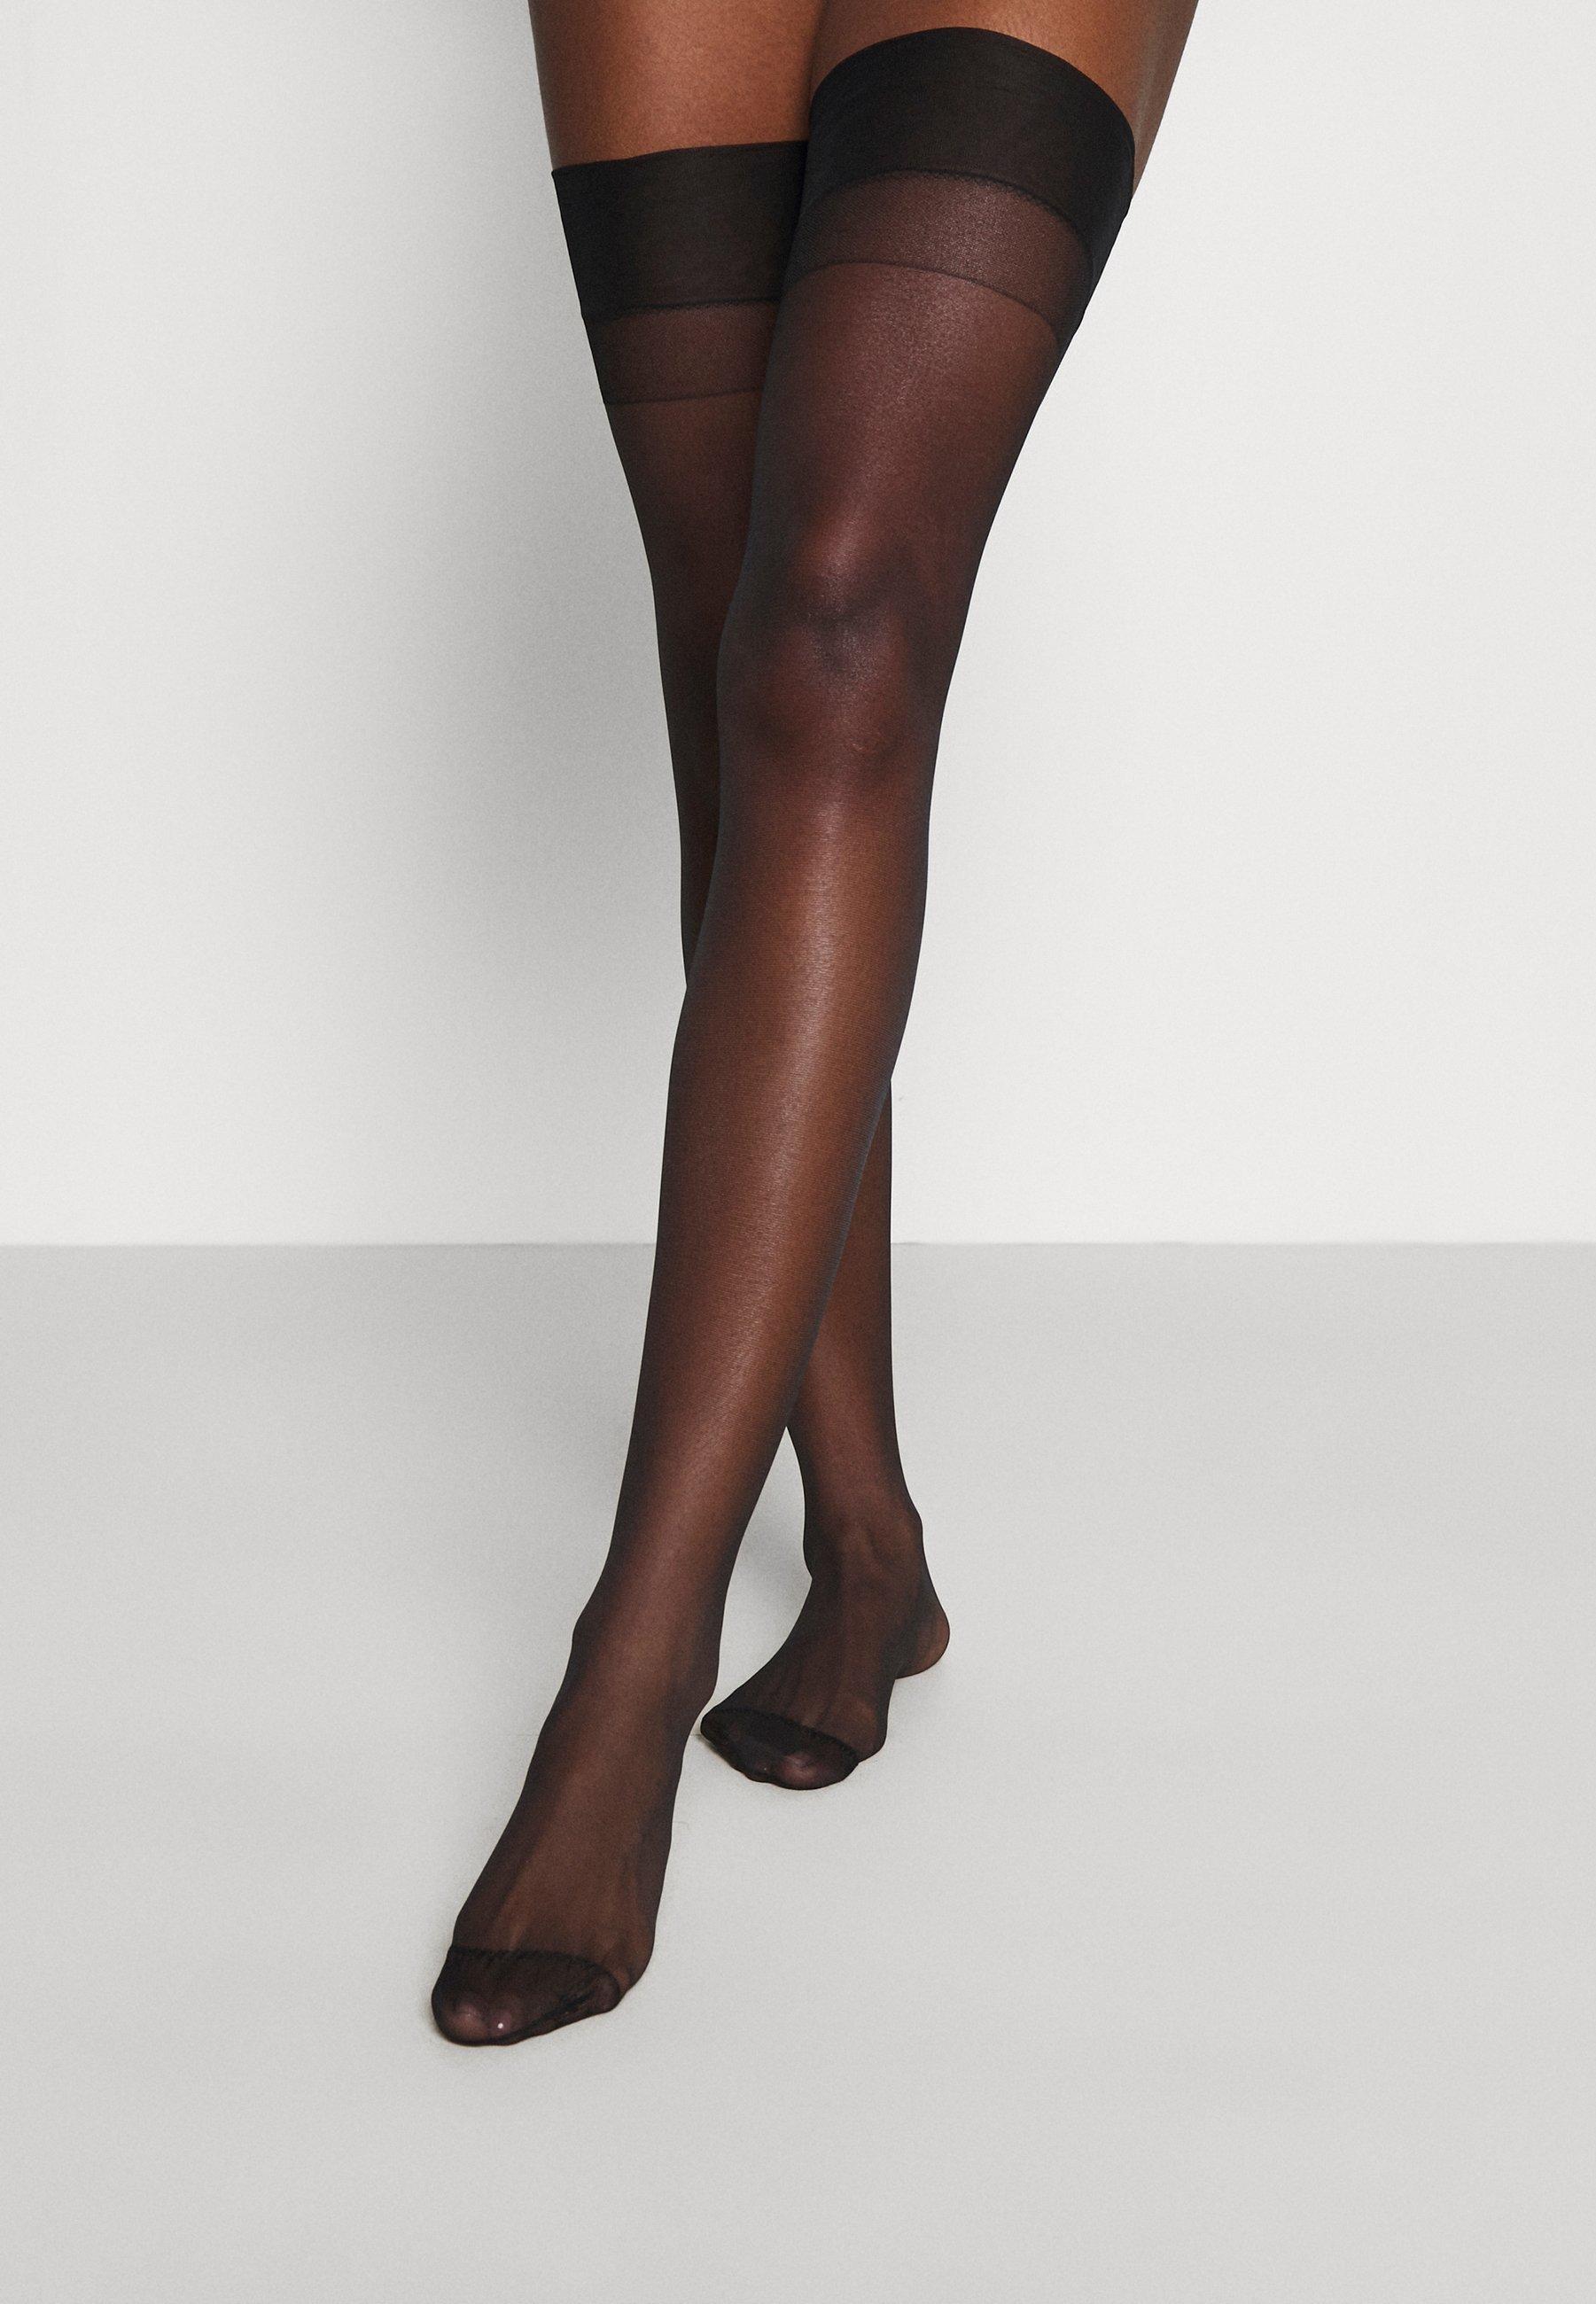 Women STOCKINGS PLAIN LEG - Over-the-knee socks